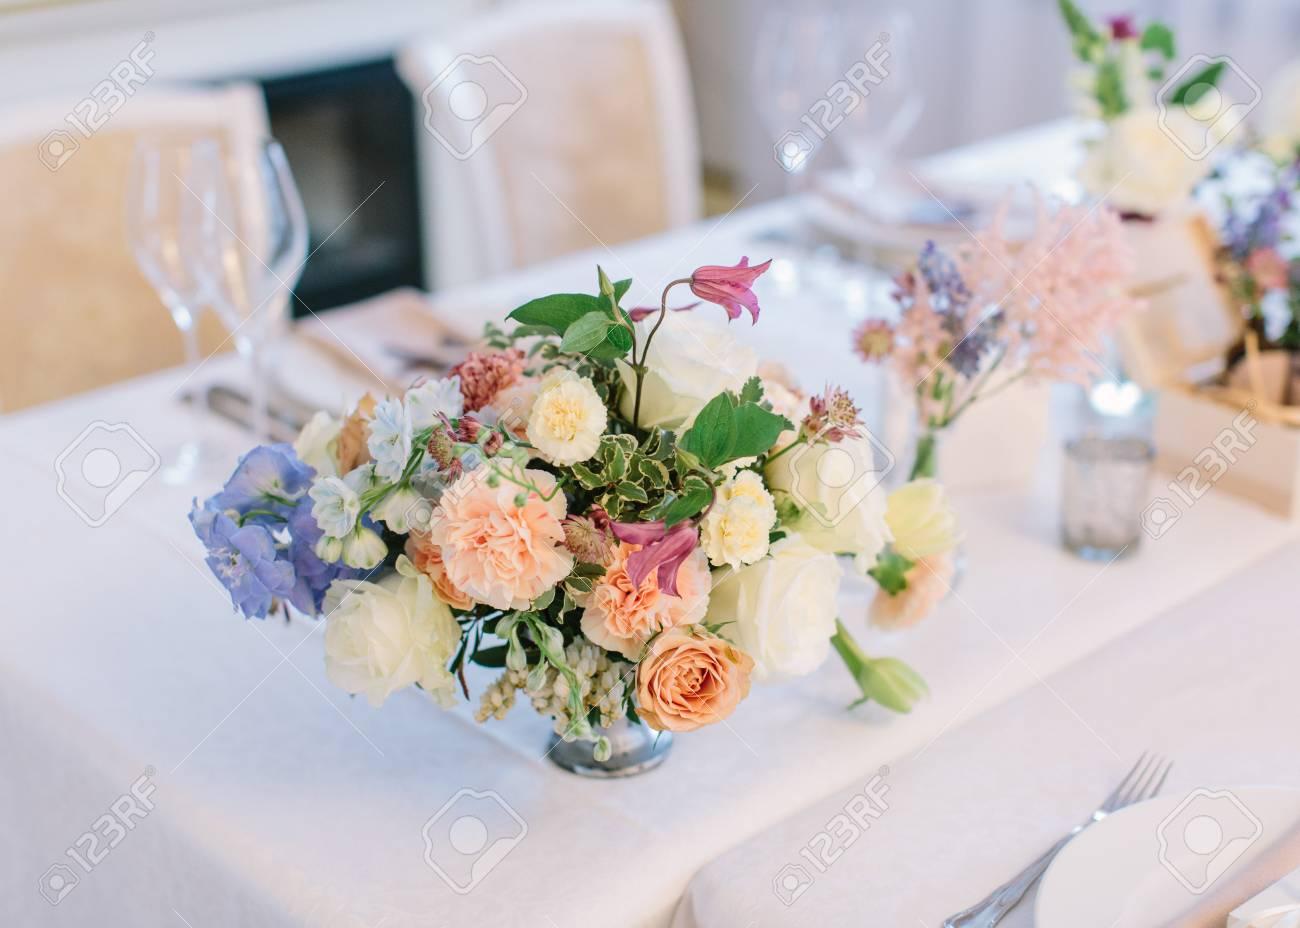 décor de mariage. décor de table de fête. bouquet de fleurs du